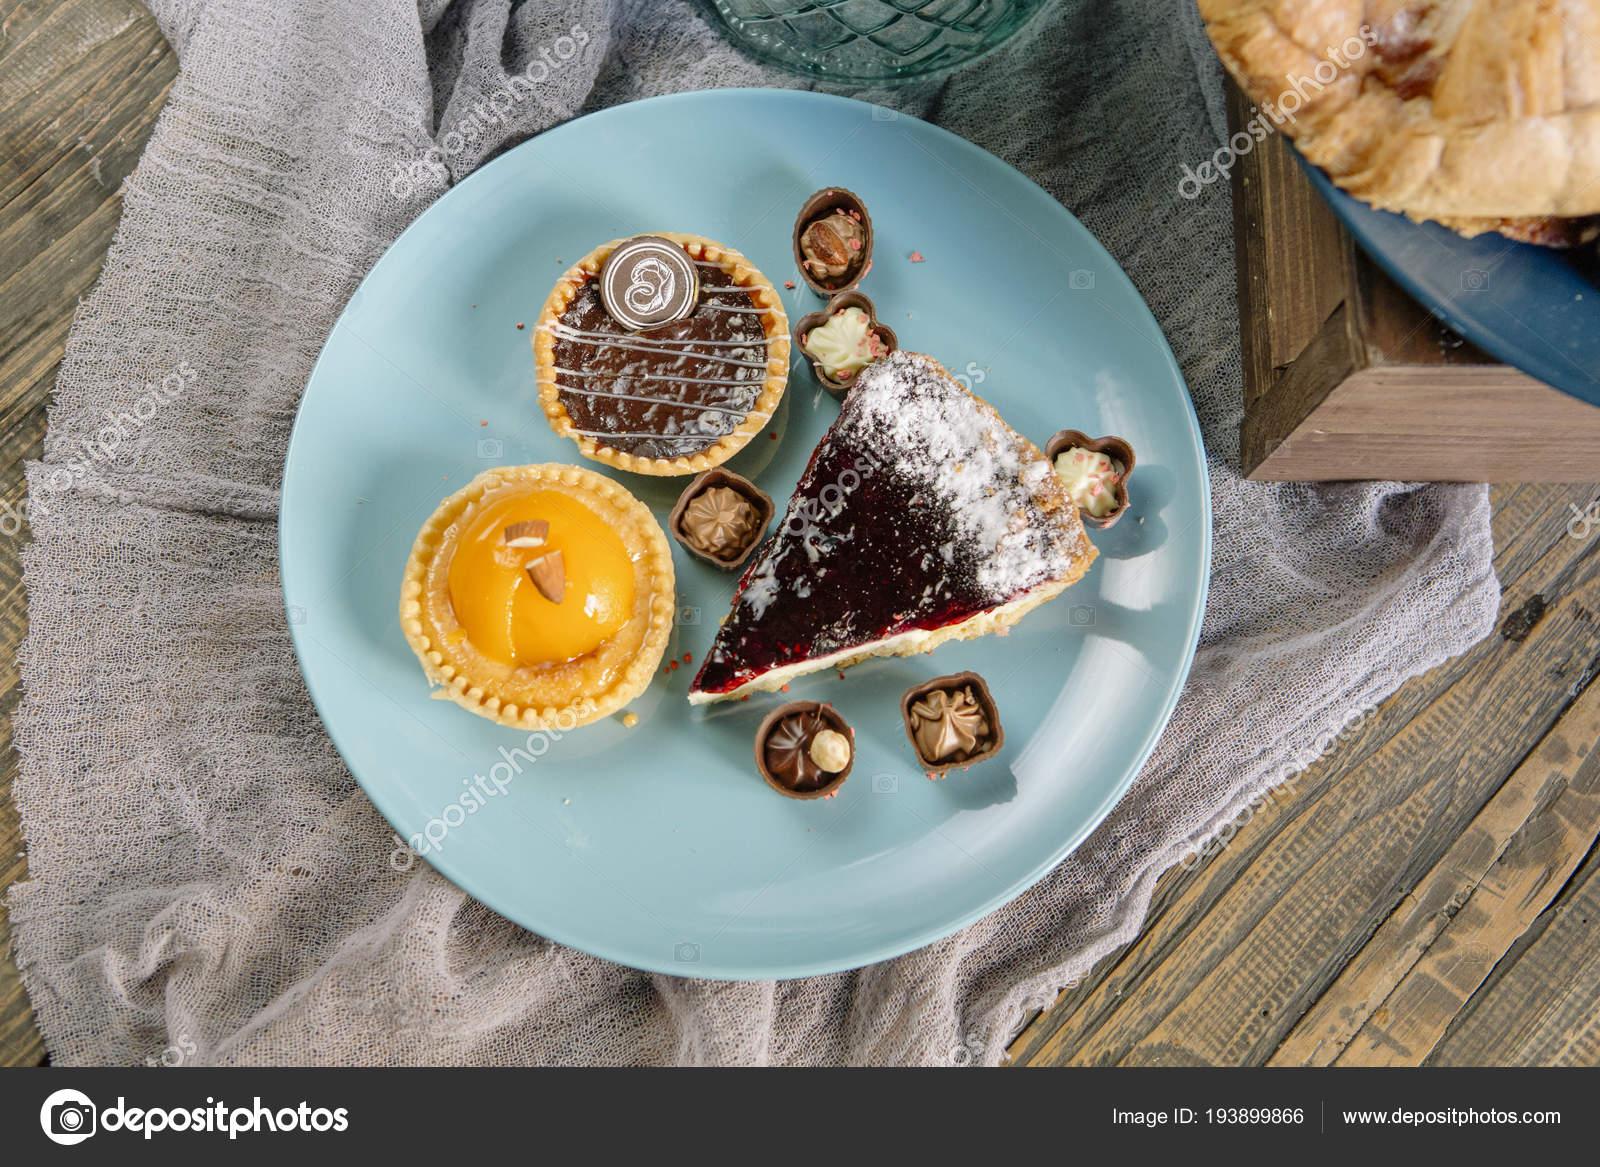 Susse Bar Leckere Kuchen Sussigkeiten Und Kuchen Auf Einem Holztisch